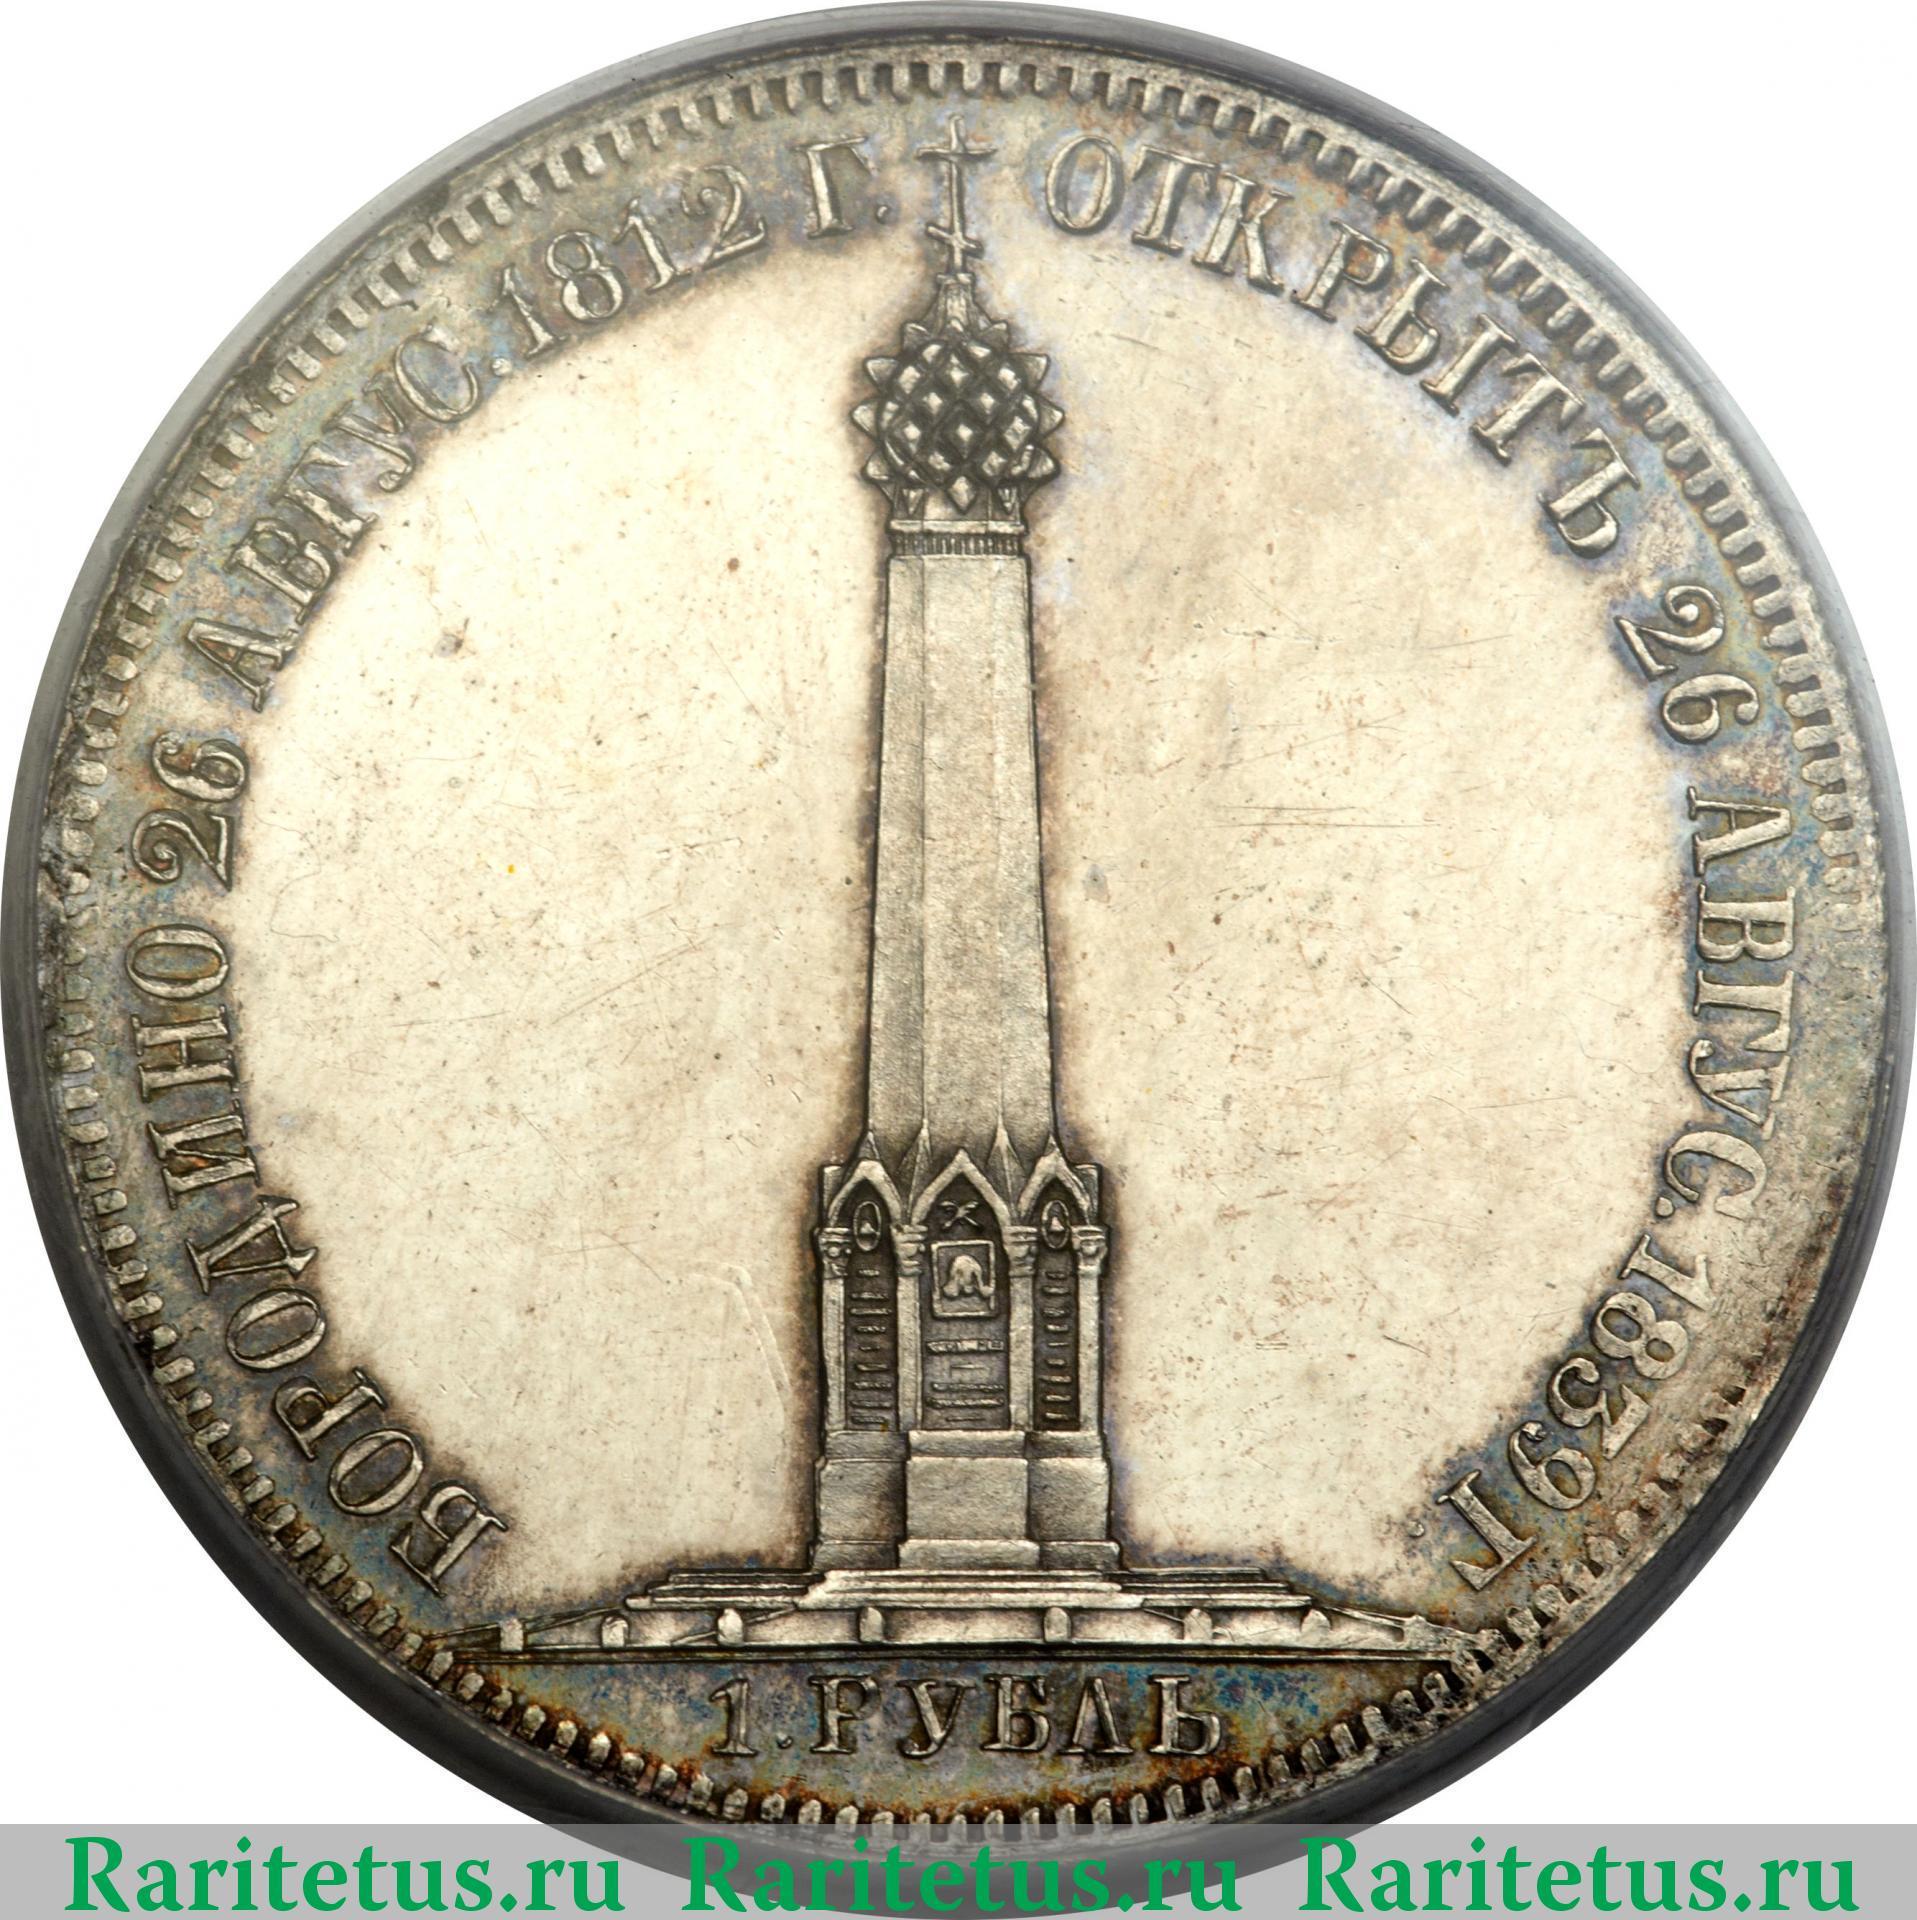 1 рубль 1839 года бородино цена монеты россии 19 века